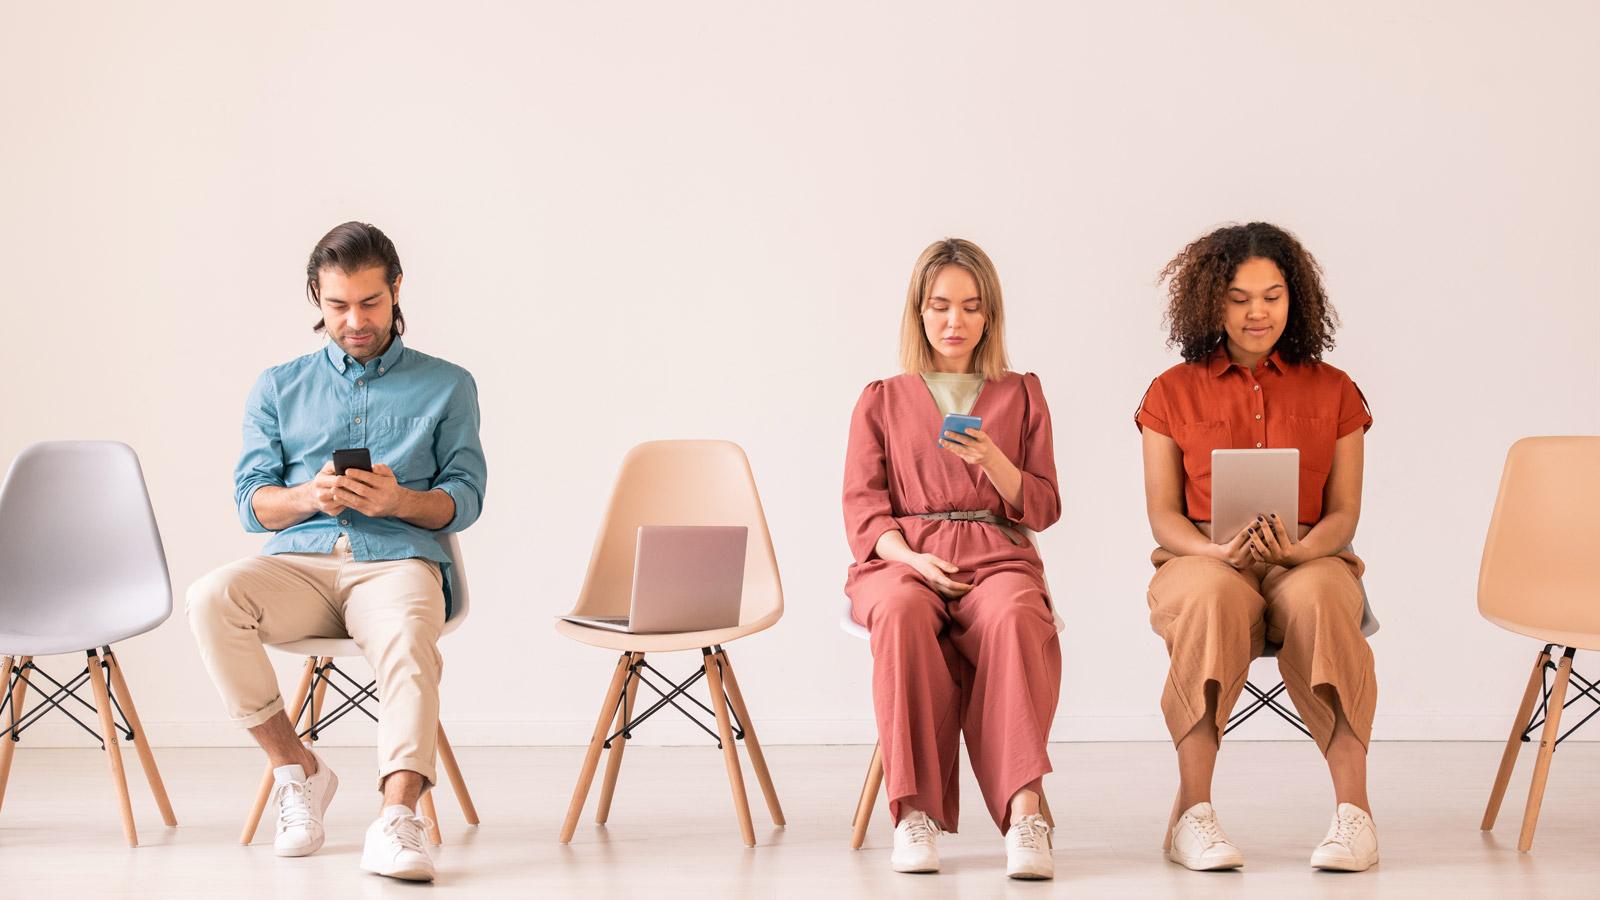 Nowy trend w social mediach – Samorządy promują urlopy w Polsce Social media mediarun social media nowy trend 2020